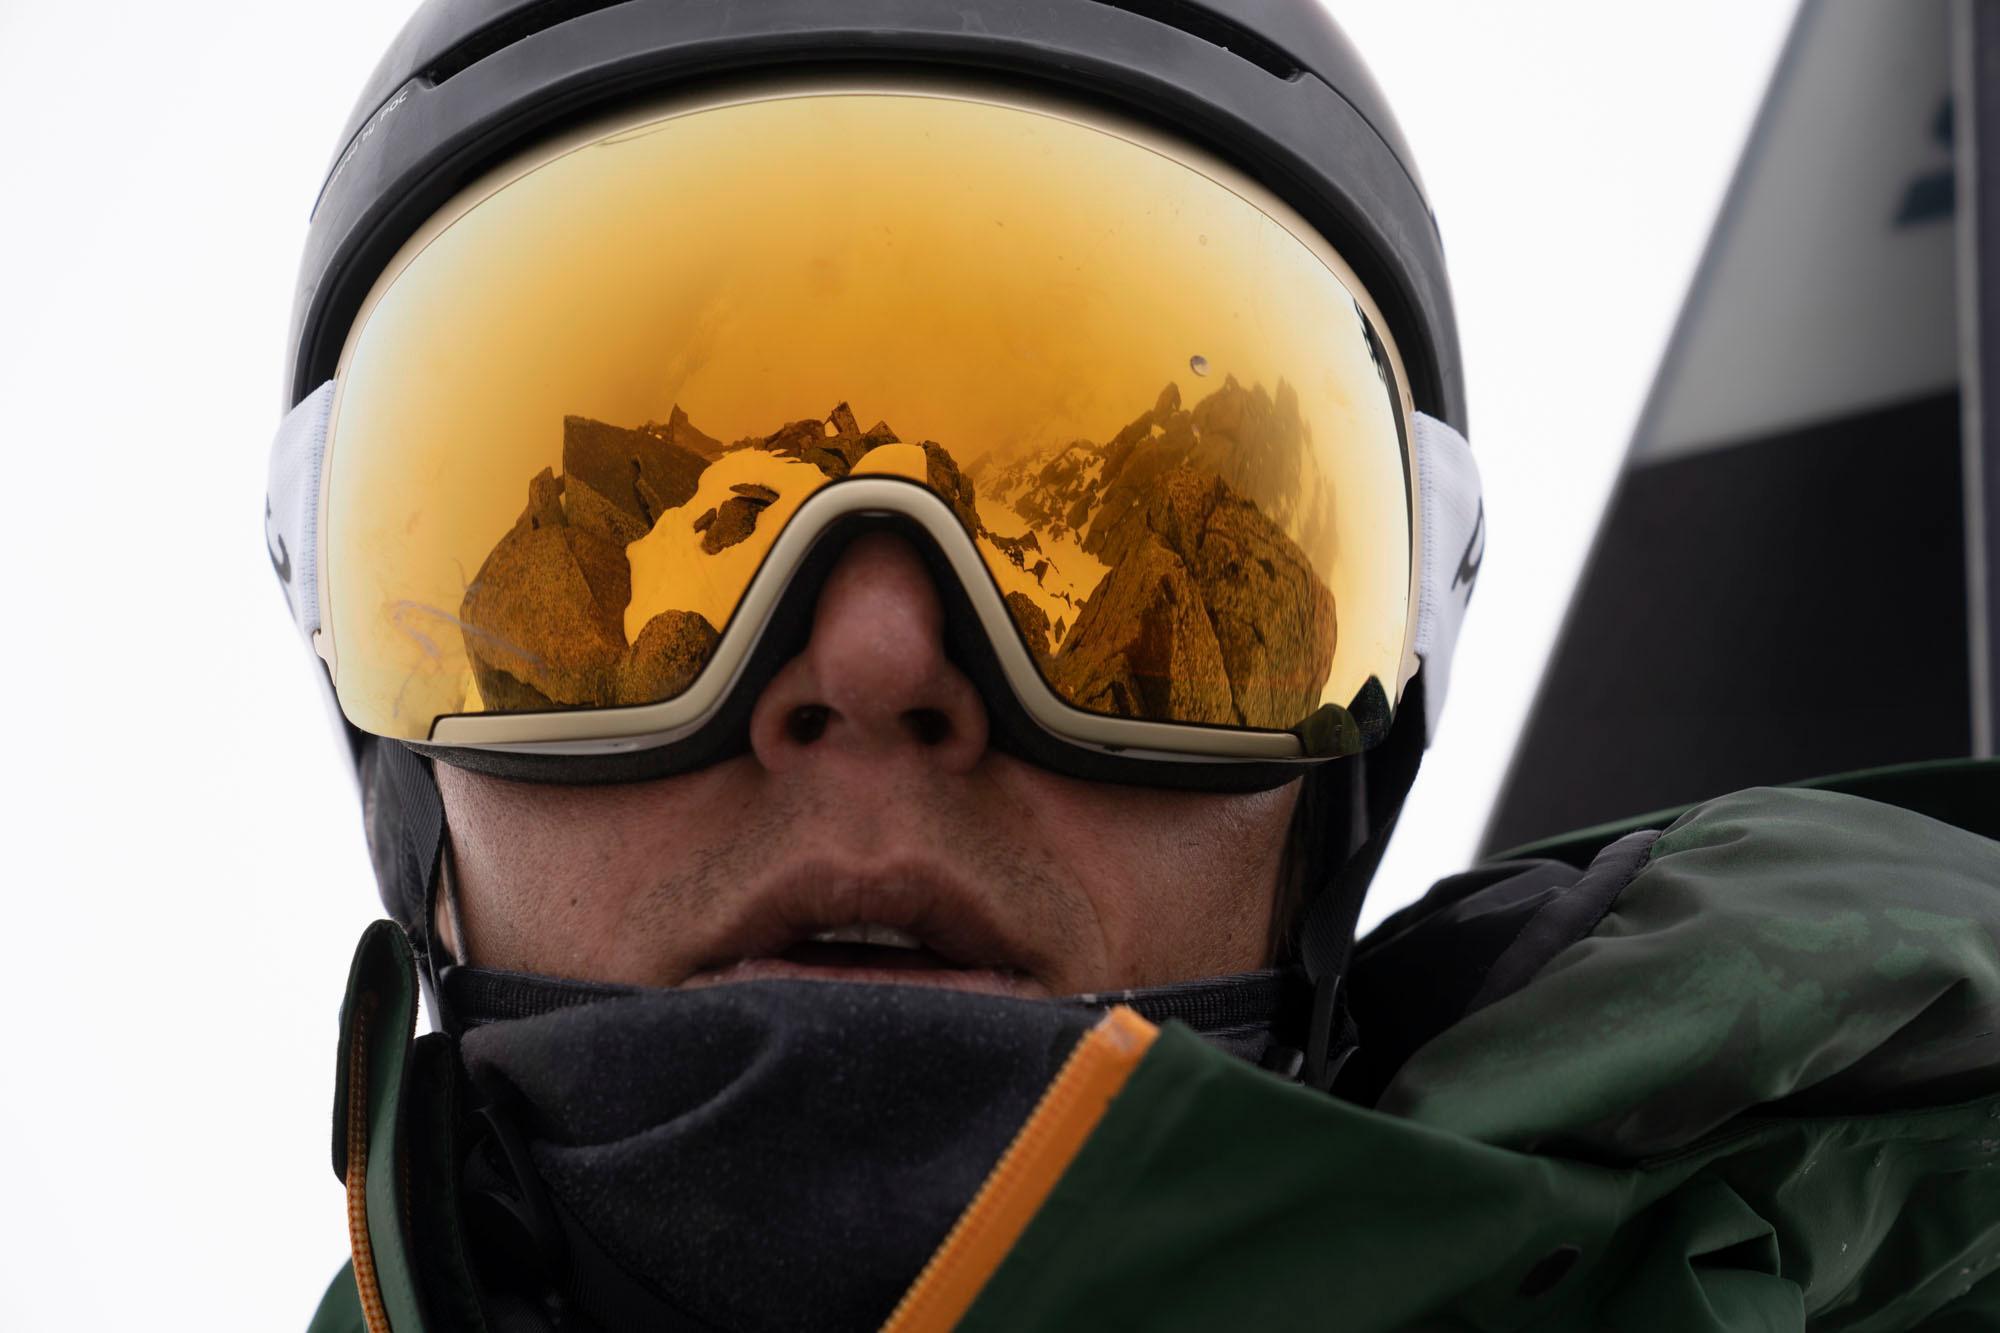 scott jr zavěsit skibrille černá bílá online datování